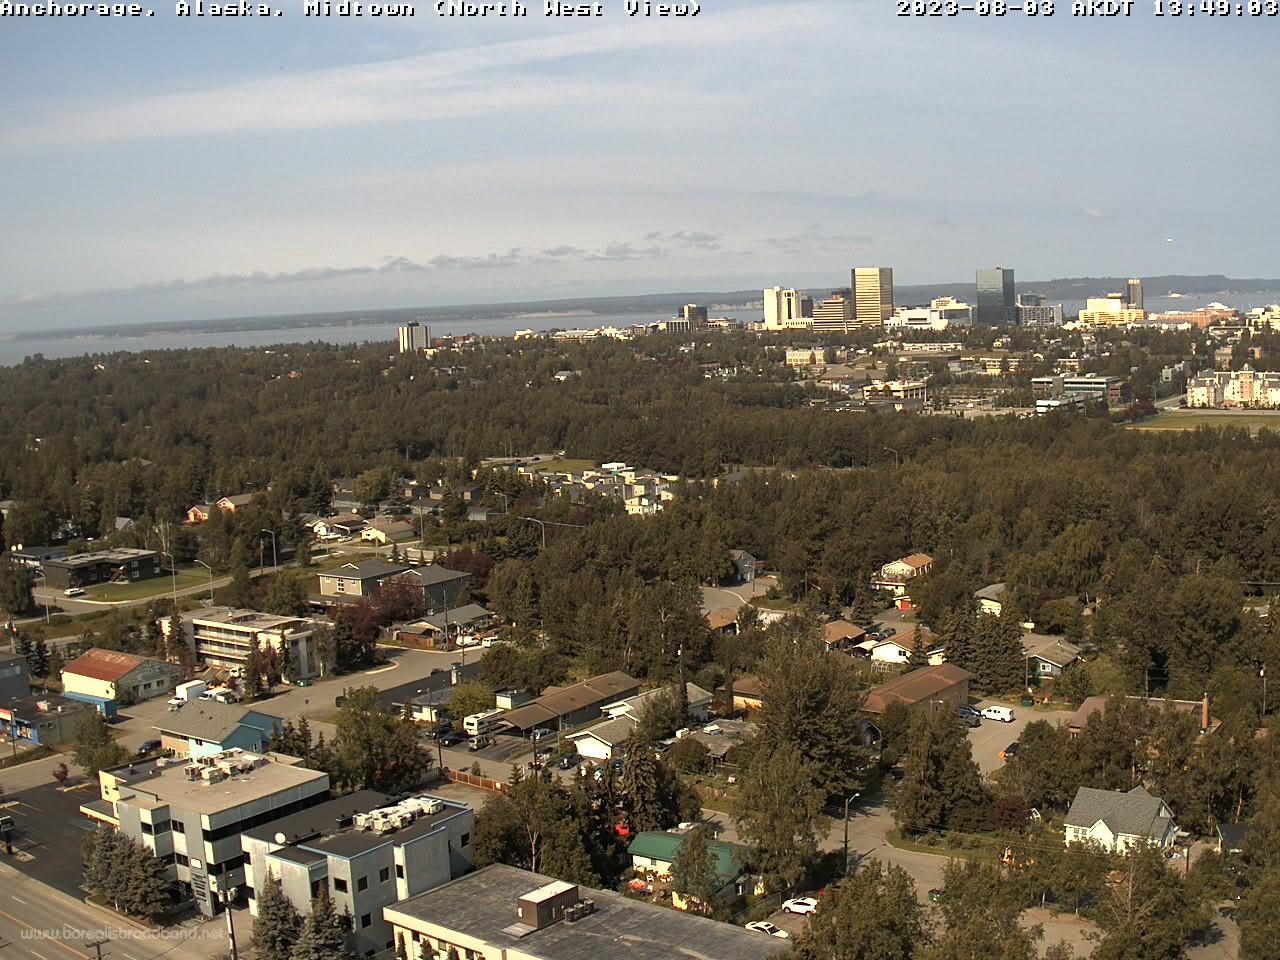 Anchorage, Alaska Fri. 13:49